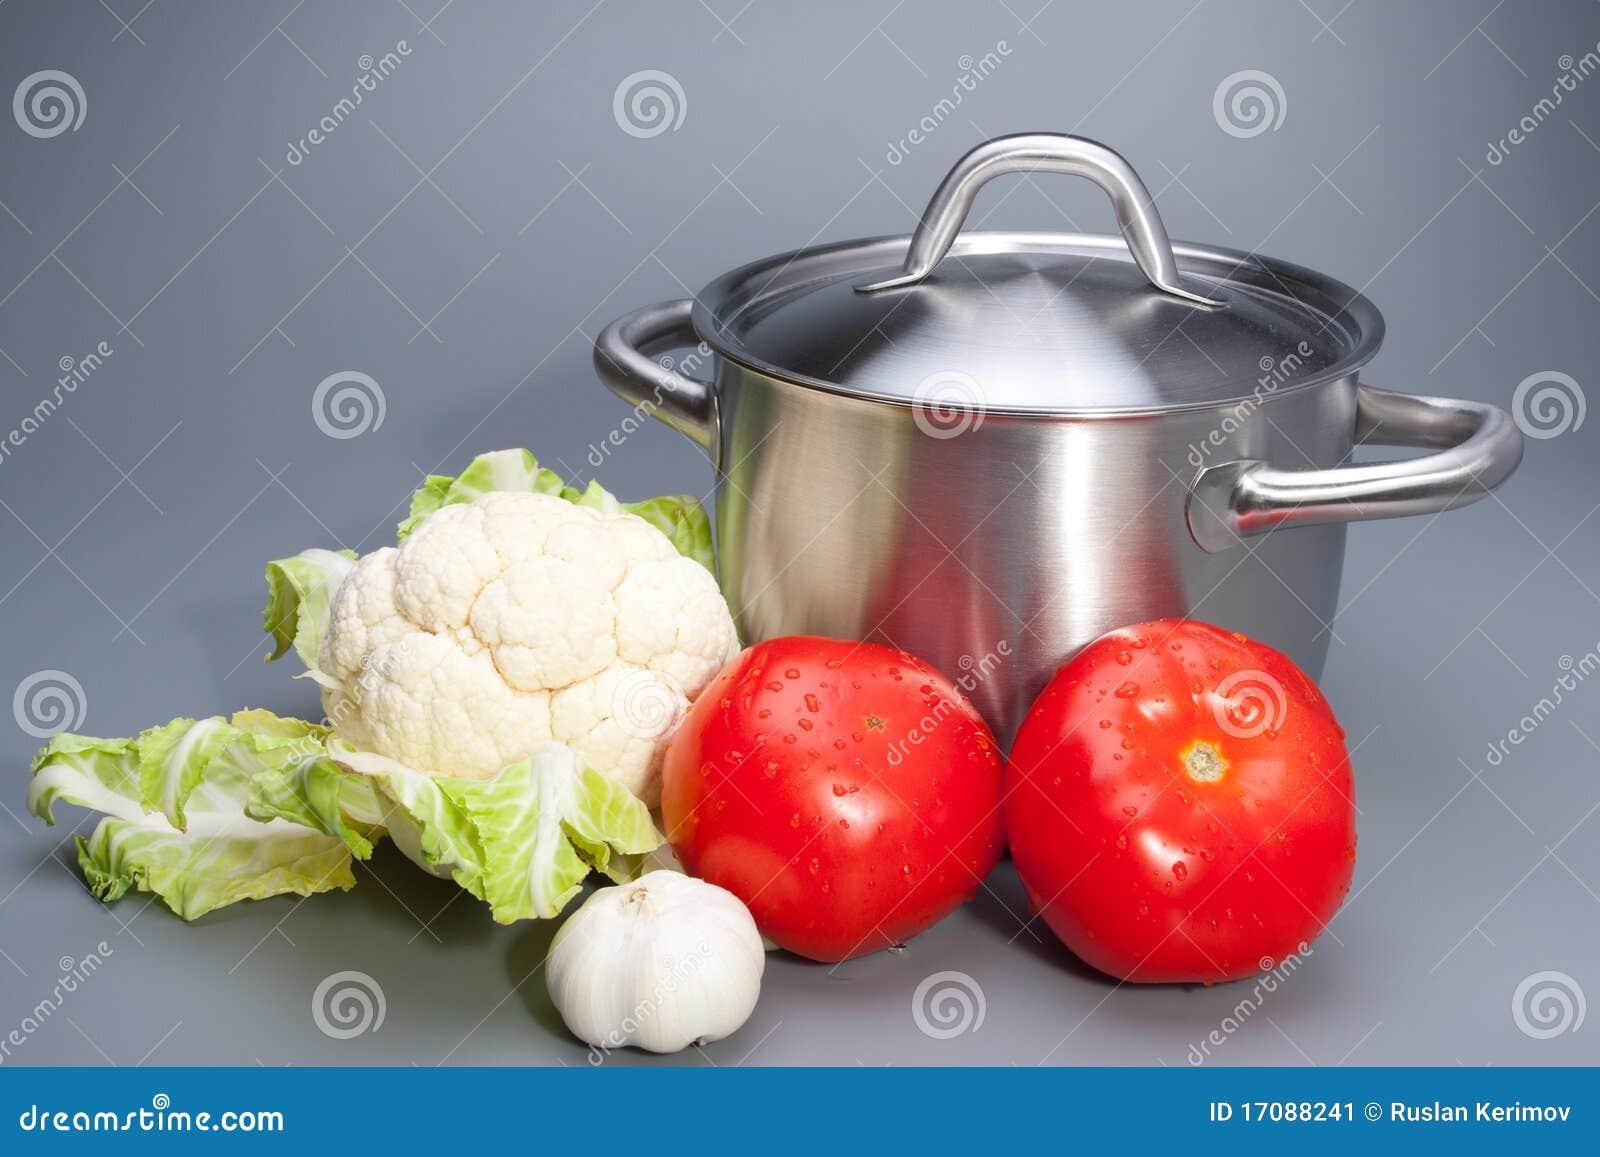 Gemüsec$nochlebensdauer